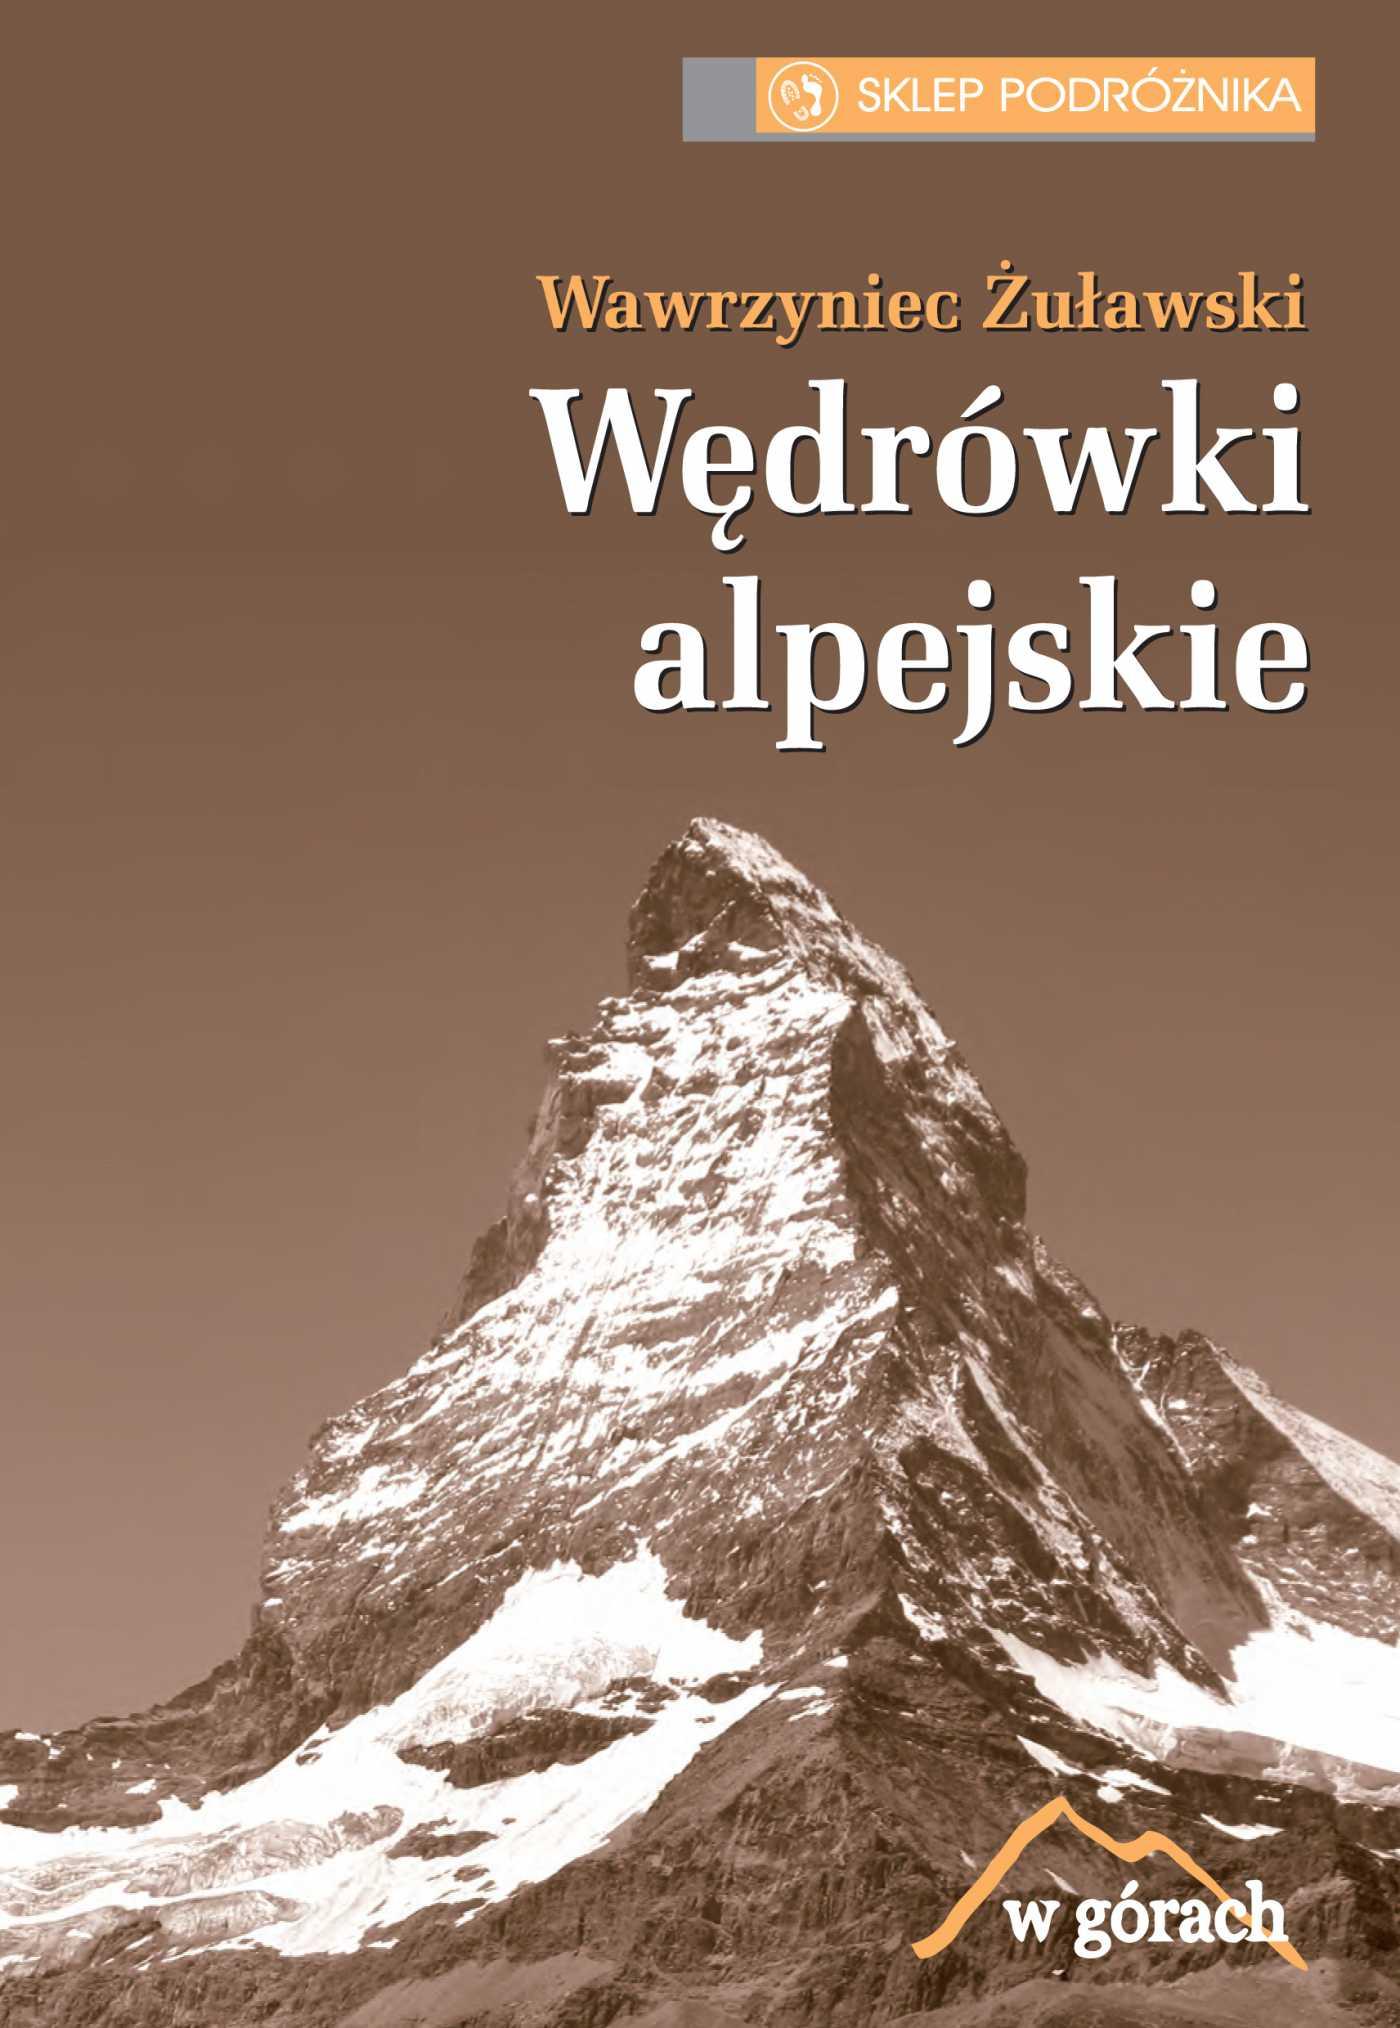 Wędrówki alpejskie - Ebook (Książka na Kindle) do pobrania w formacie MOBI